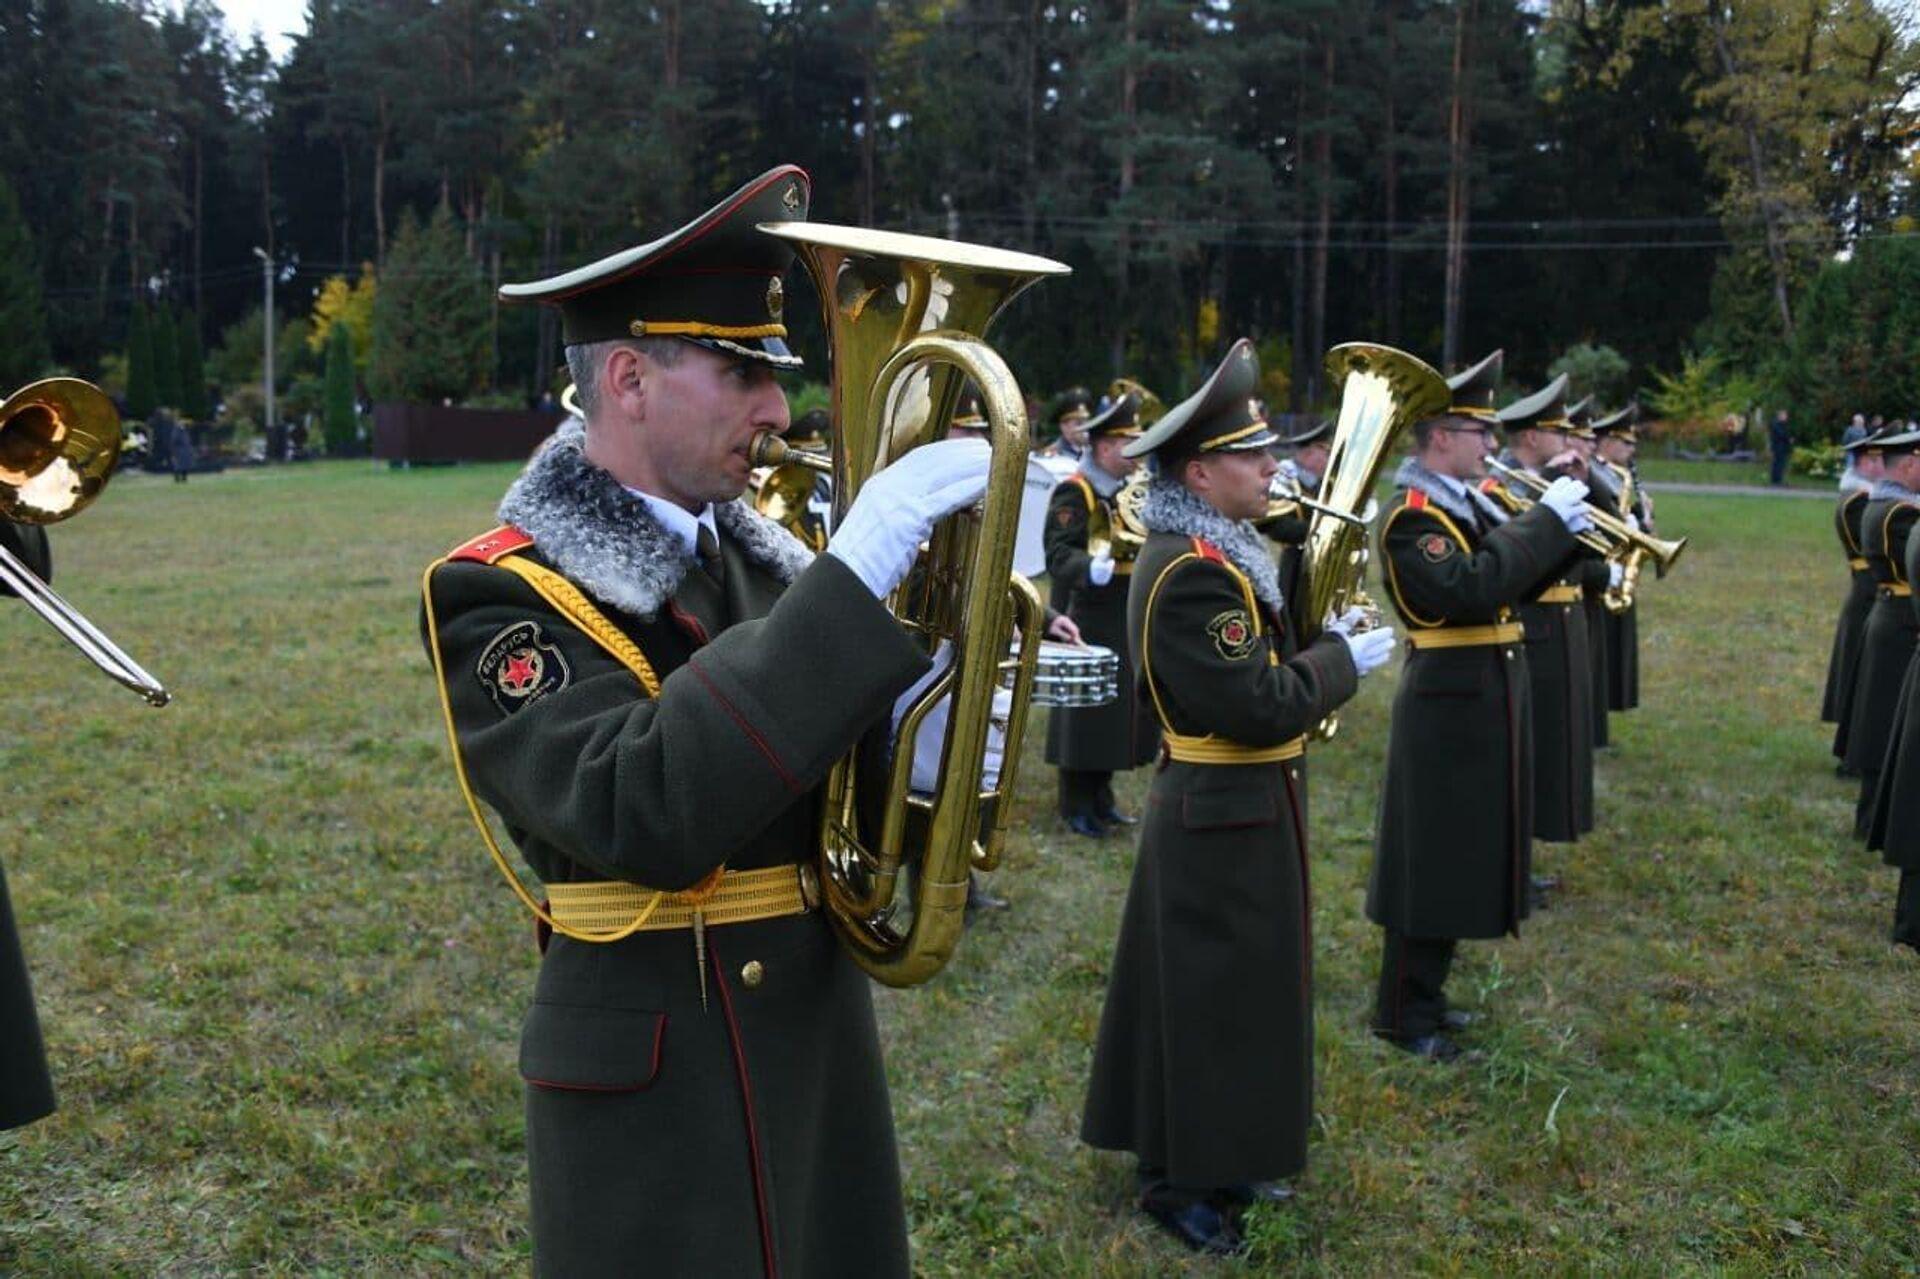 Военный оркестр на Восточном кладбище играл в день похорон офицера КГБ - Sputnik Беларусь, 1920, 01.10.2021